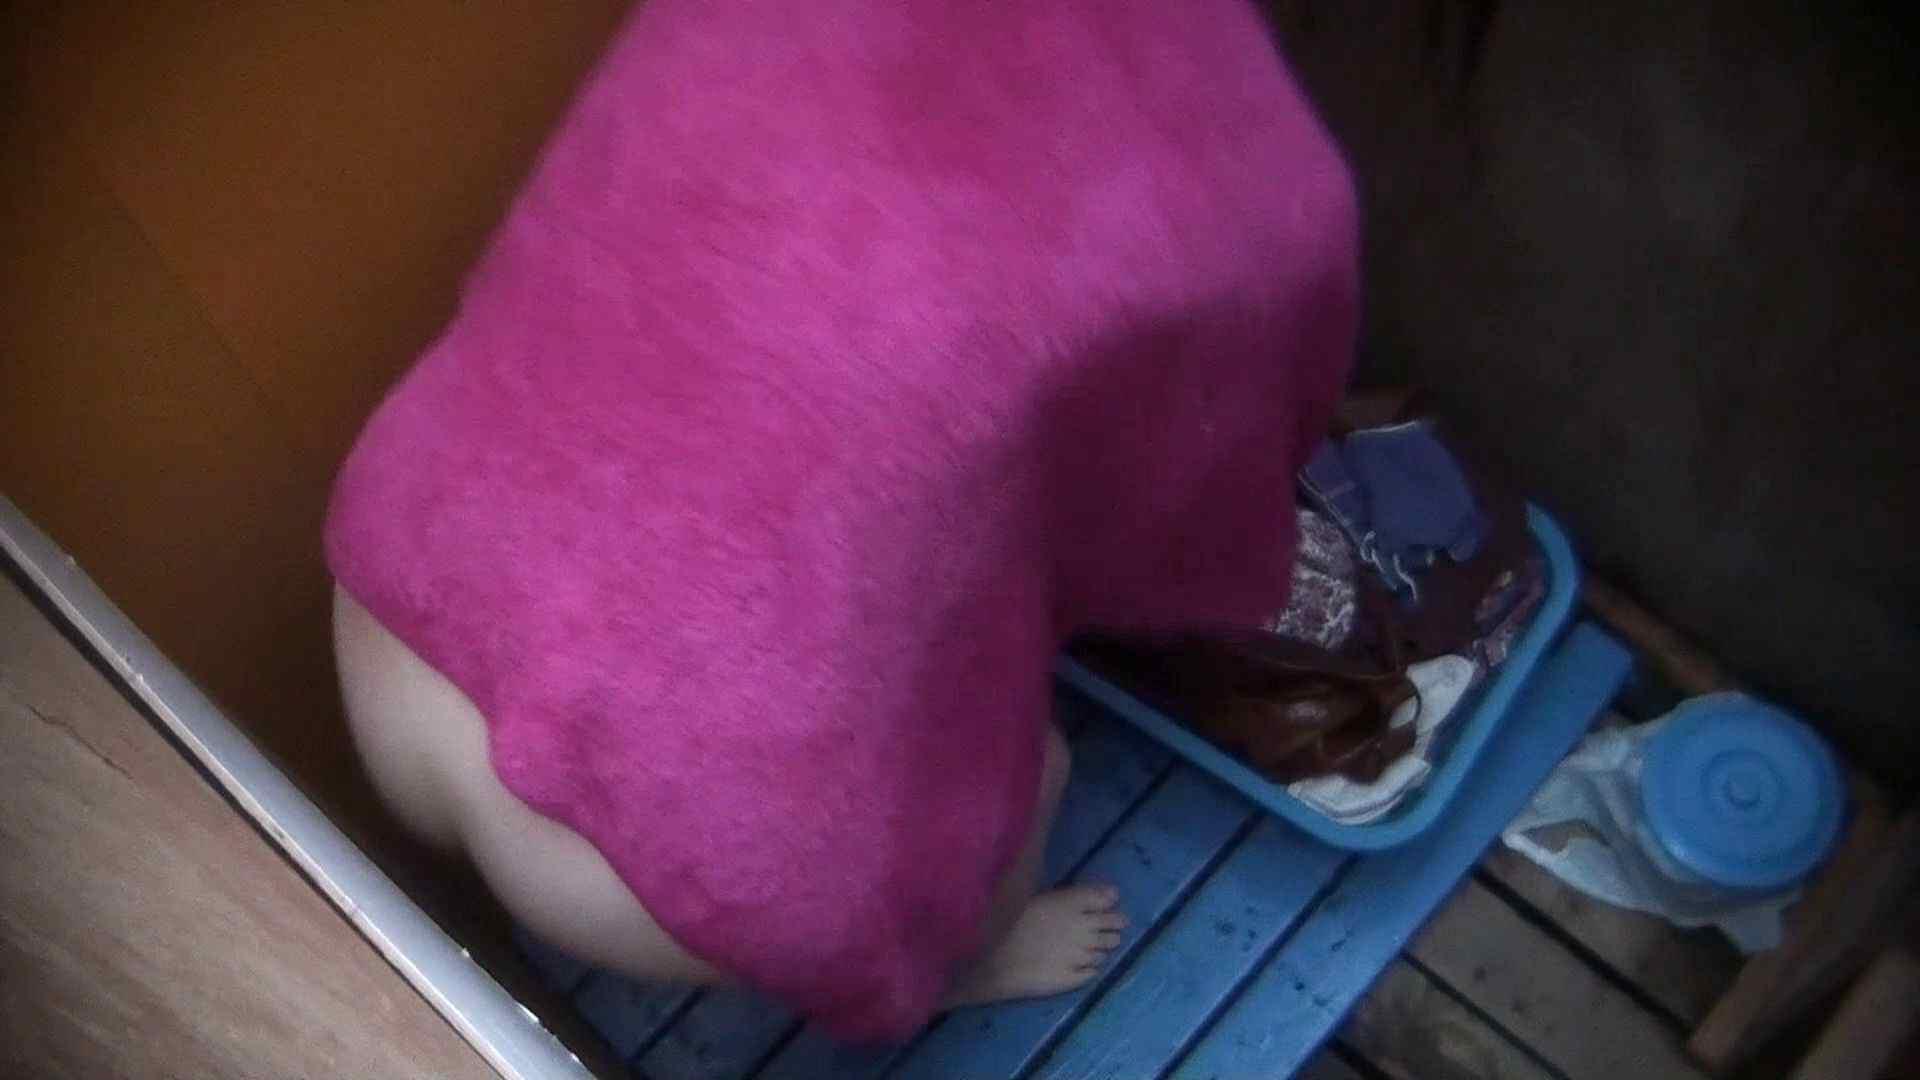 シャワールームは超!!危険な香りVol.29 こっちを向いて欲しい貧乳姉さん 美しいOLの裸体 SEX無修正画像 78pic 26